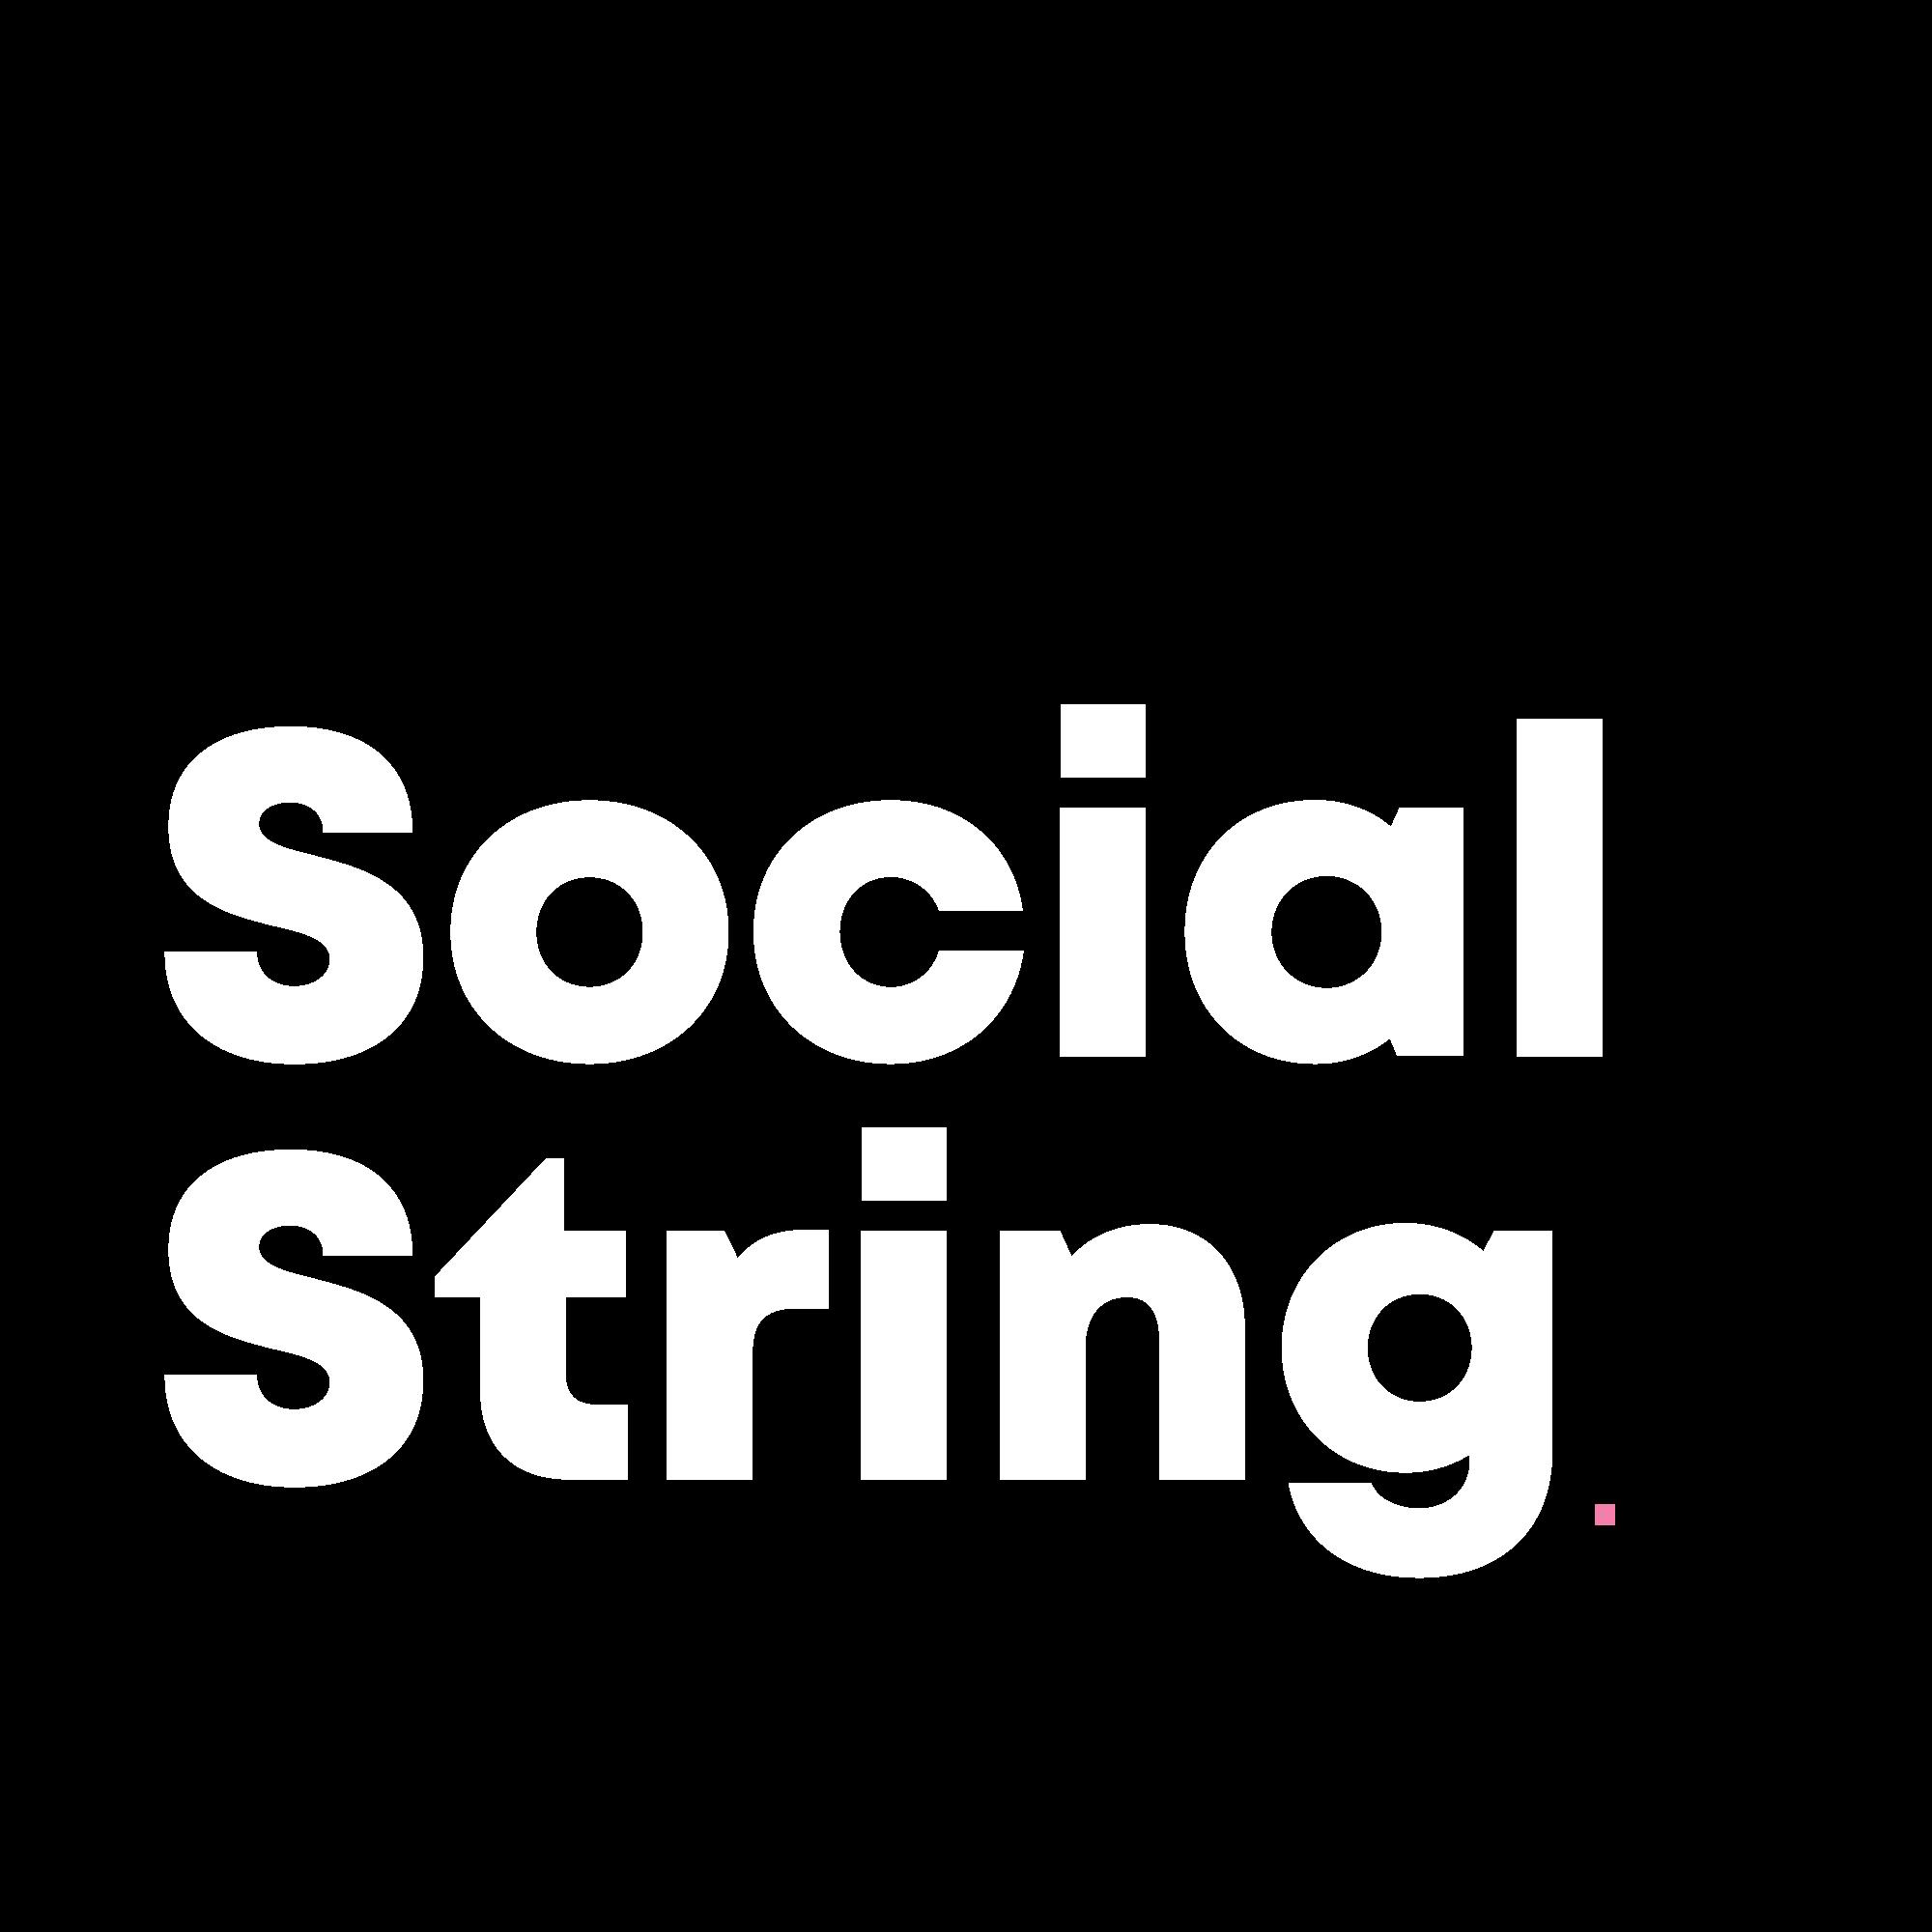 Read Social String Reviews